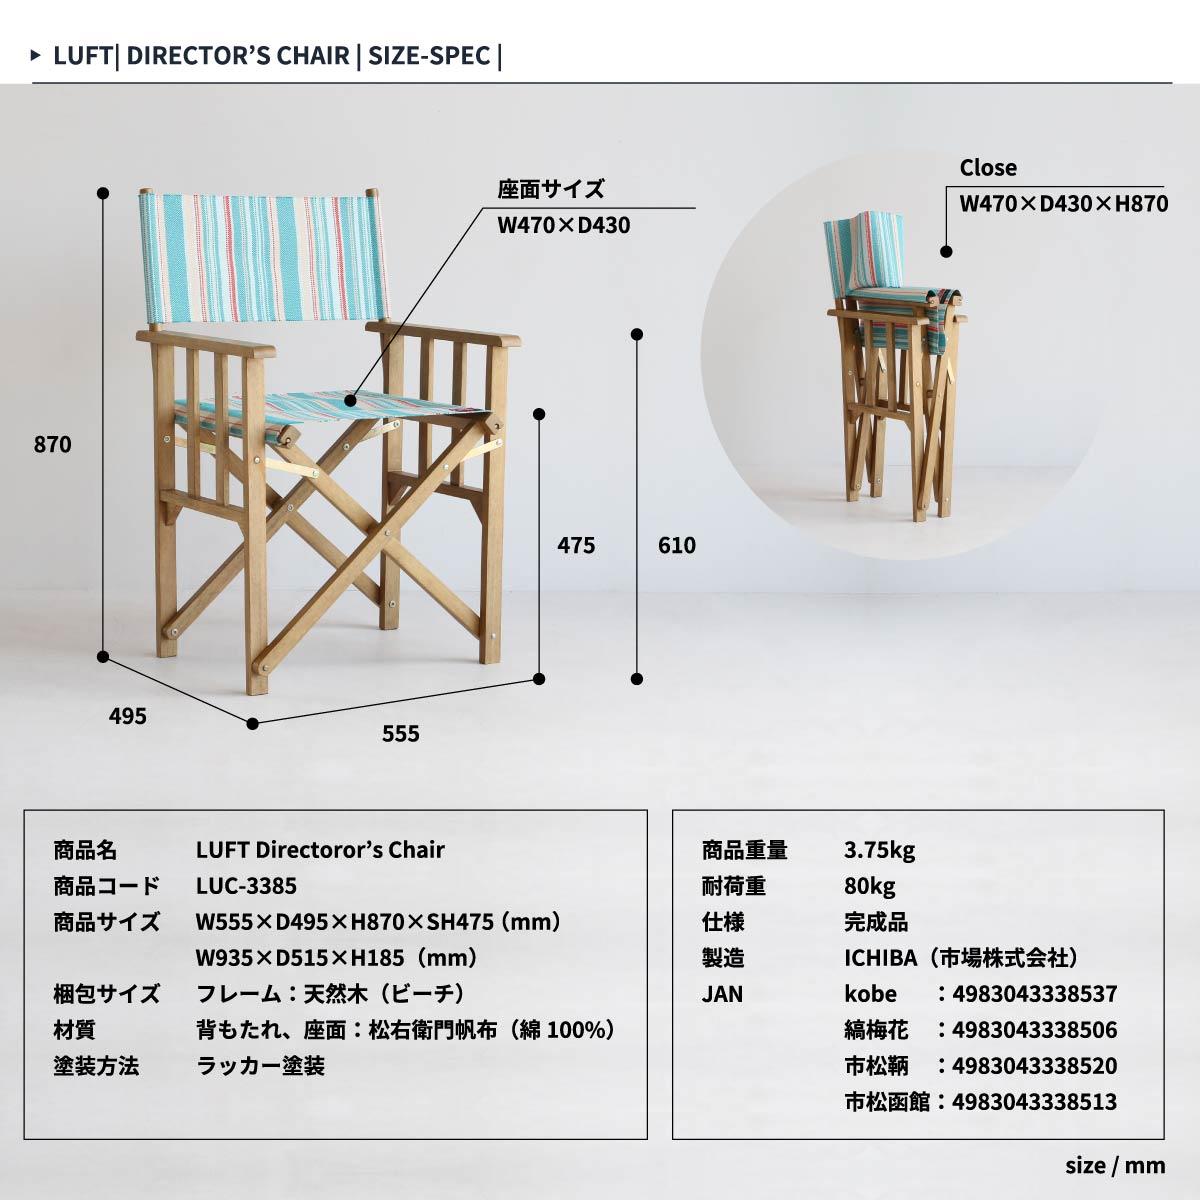 チェア アウトドア キャンプ 椅子 折り畳み ディレクターチェア おしゃれ 折りたたみ 公園 運動会 帆布 完成品 北欧 コンパクト